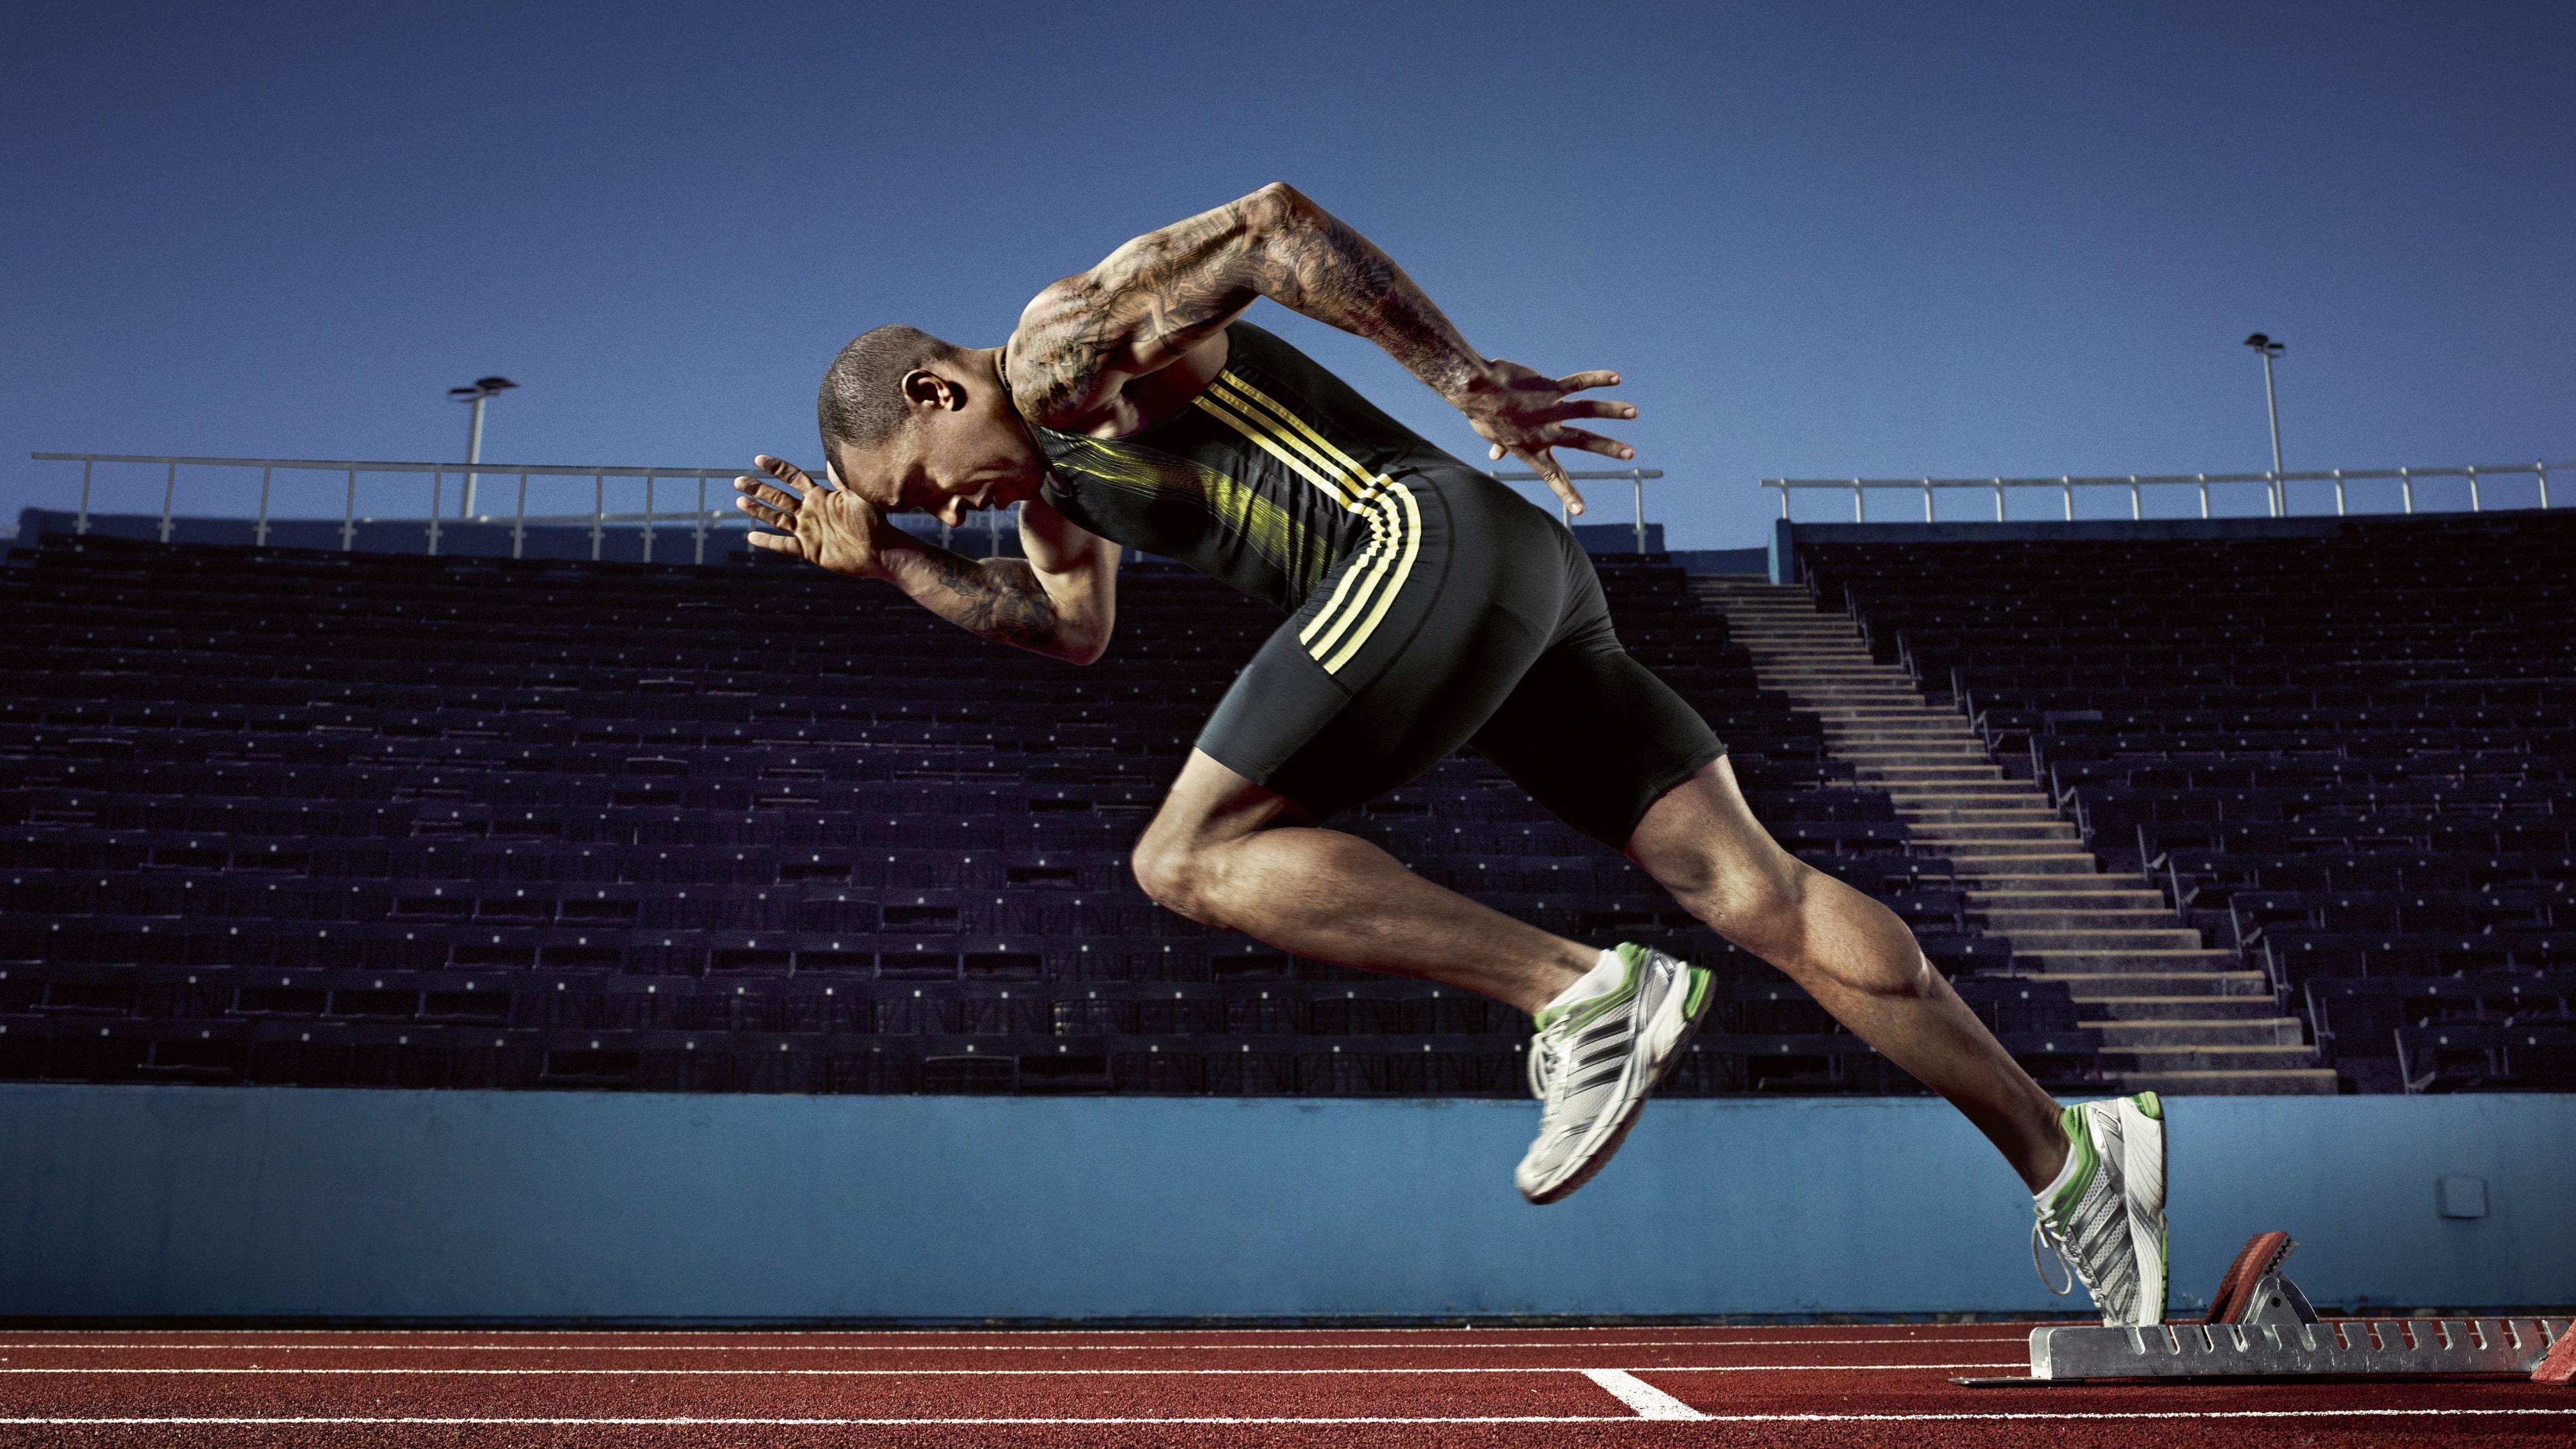 Олимпиада технологий: представьте, если бы допинг был нормой